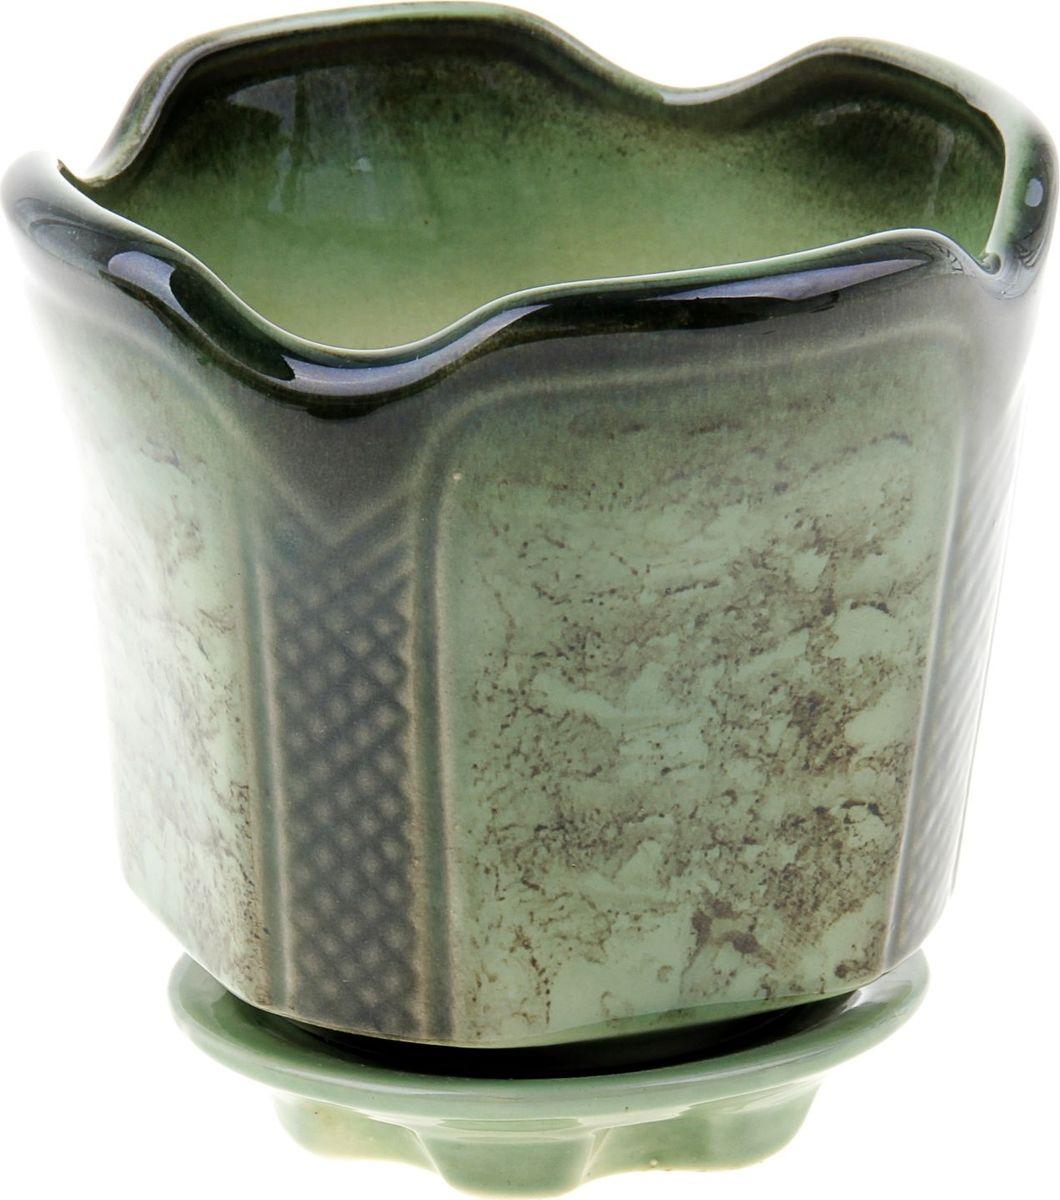 Кашпо Готика, цвет: зеленый, 1,4 л838559Комнатные растения — всеобщие любимцы. Они радуют глаз, насыщают помещение кислородом и украшают пространство. Каждому из них необходим свой удобный и красивый дом. Кашпо из керамики прекрасно подходят для высадки растений: за счёт пластичности глины и разных способов обработки существует великое множество форм и дизайновпористый материал позволяет испаряться лишней влагевоздух, необходимый для дыхания корней, проникает сквозь керамические стенки! #name# позаботится о зелёном питомце, освежит интерьер и подчеркнёт его стиль.